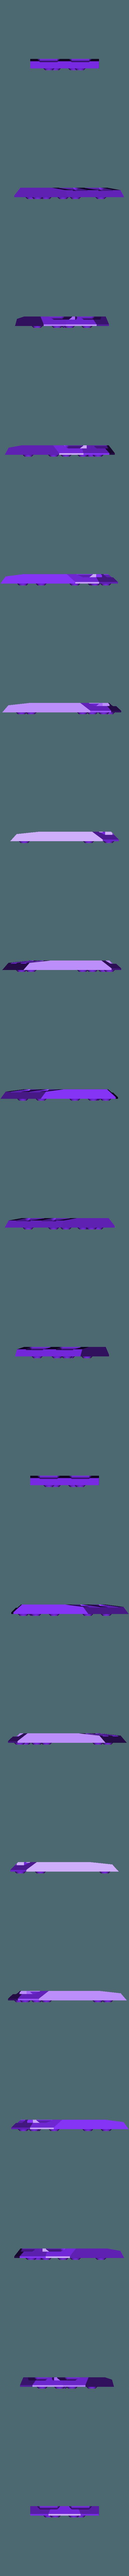 Desert_Fox_Skid_Back_20190412.stl Télécharger fichier STL gratuit Hobbyking Desert Fox Patins avant et arrière (Version allongée) • Plan pour impression 3D, peterbroeders